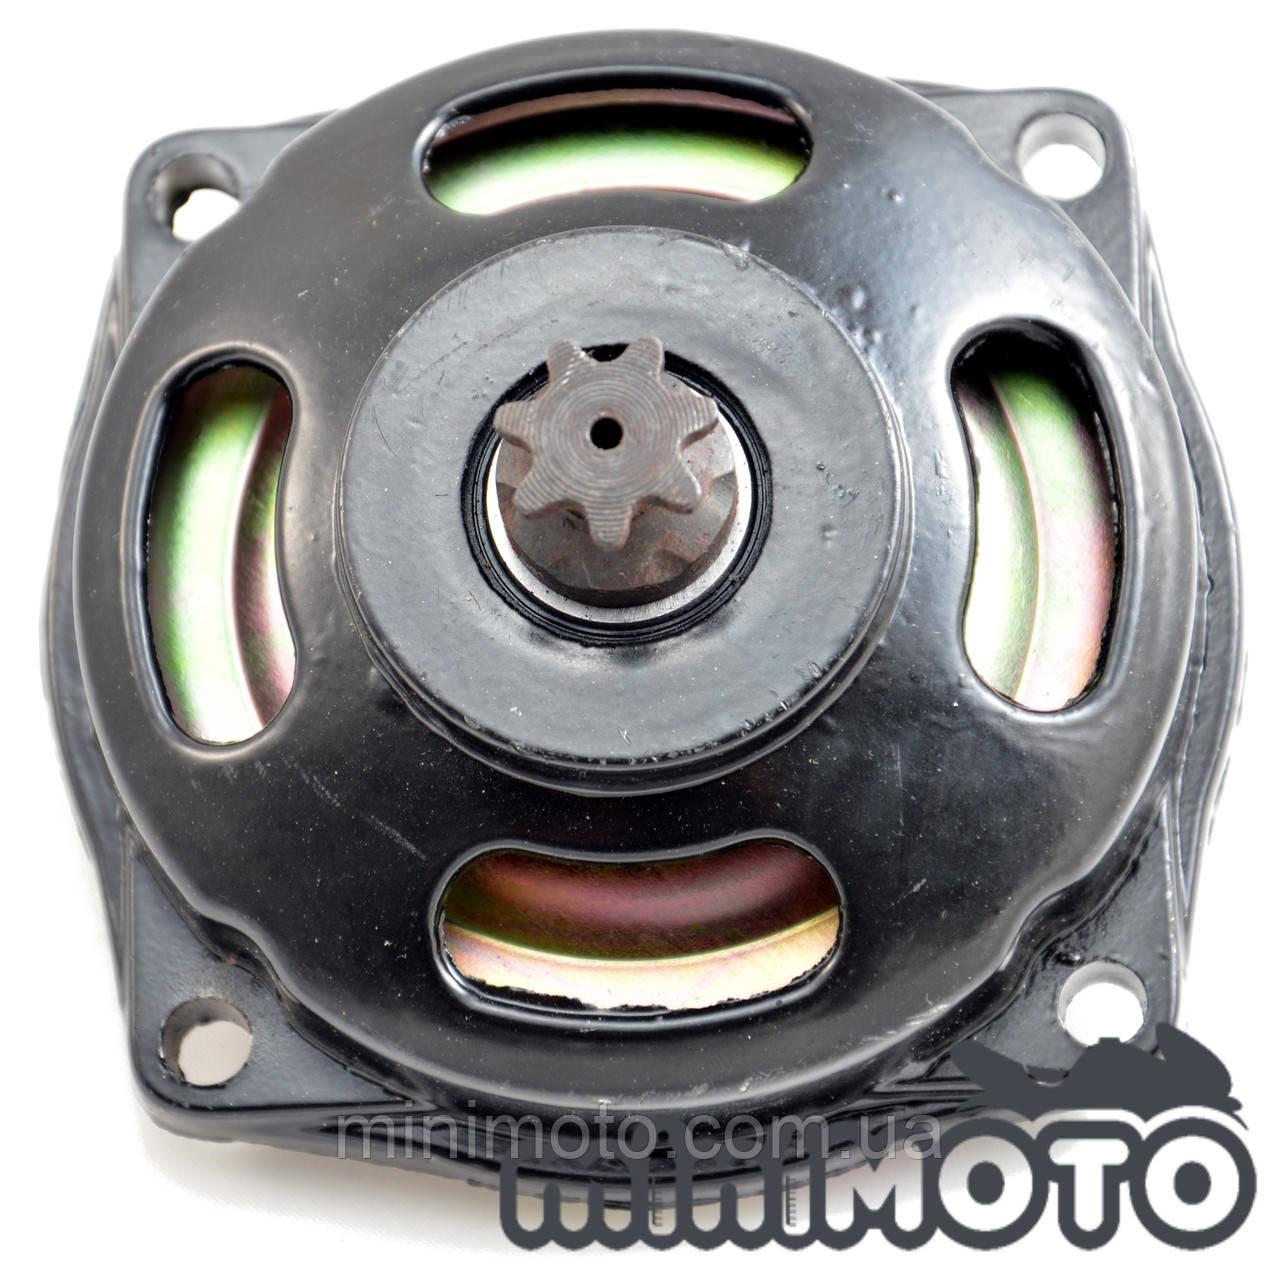 Колокол сцепления (метал) с звездой 7z 25H минимото, детский квадроцикл 50-60сс 2Т